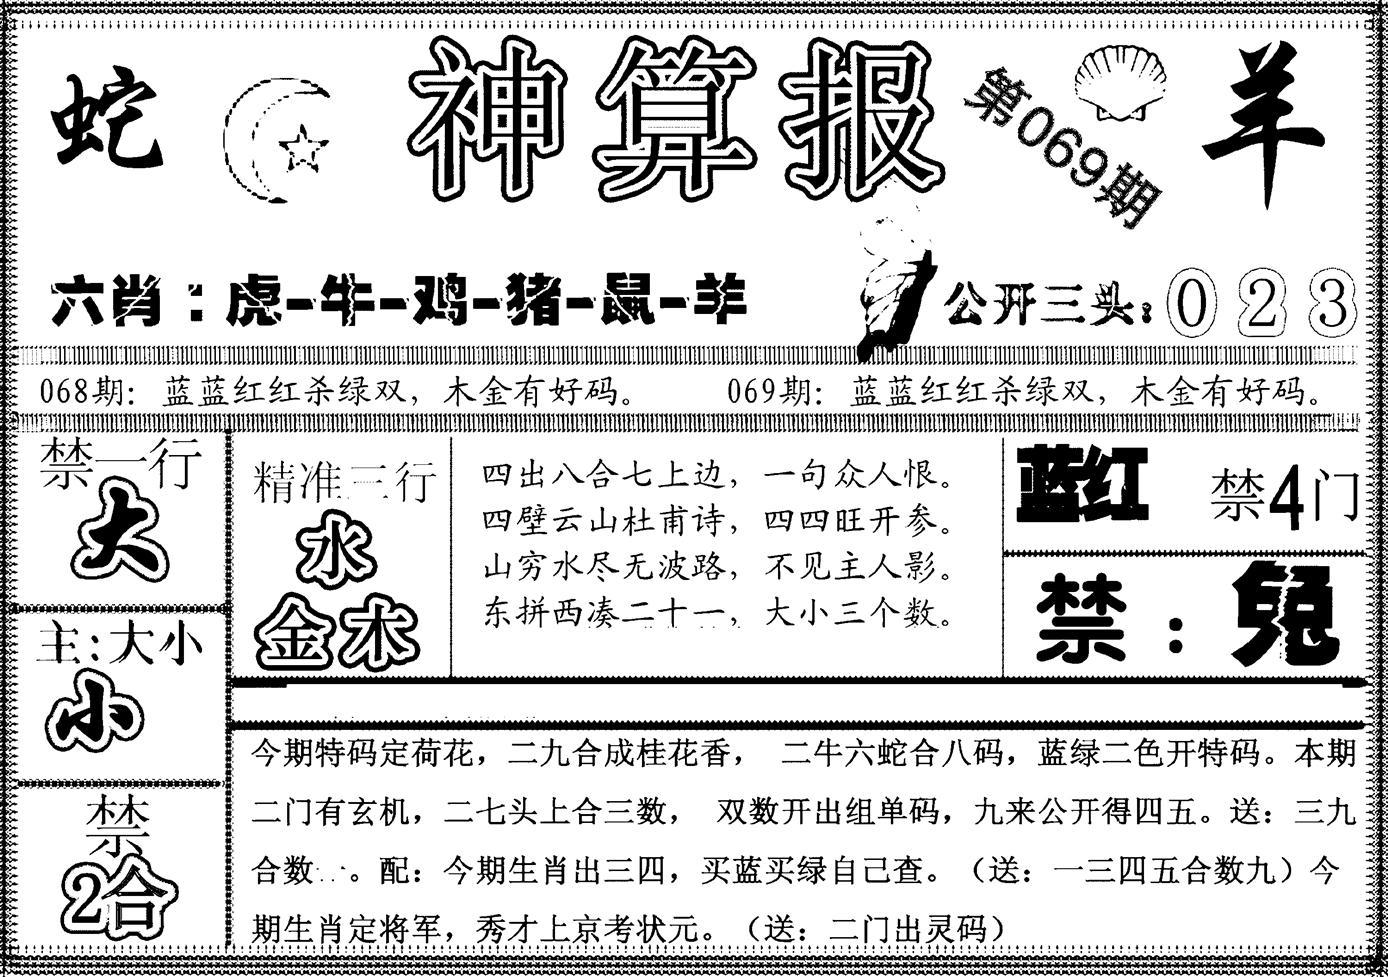 069期另神算报(黑白)